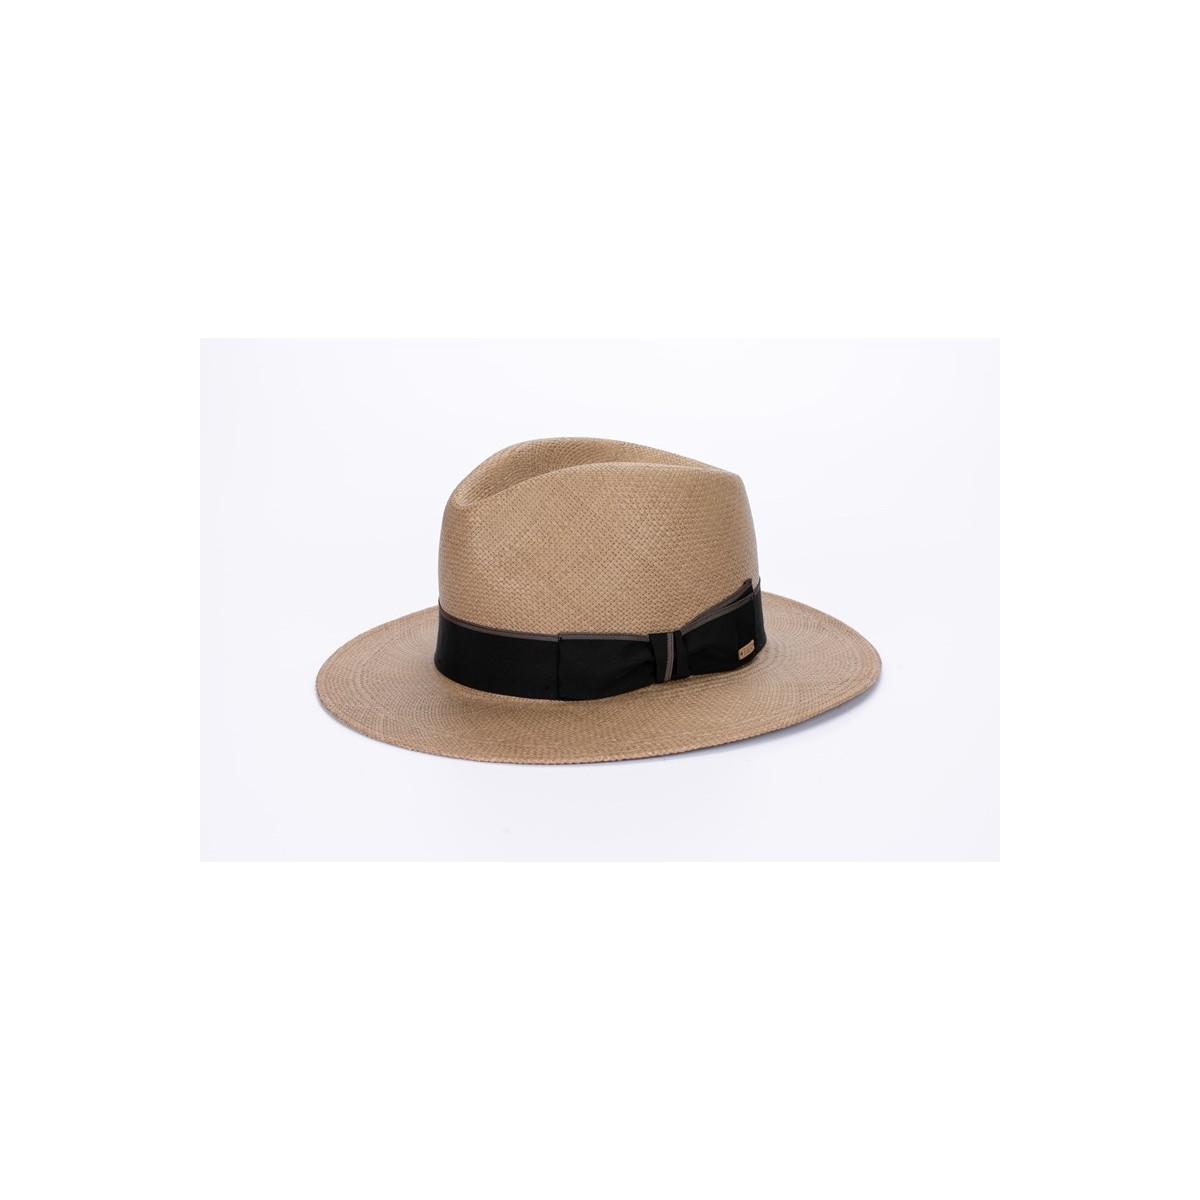 Milton sombrero de hombre panamá copa fedora color cacao y cinta marrón. Fernández y ROCHE